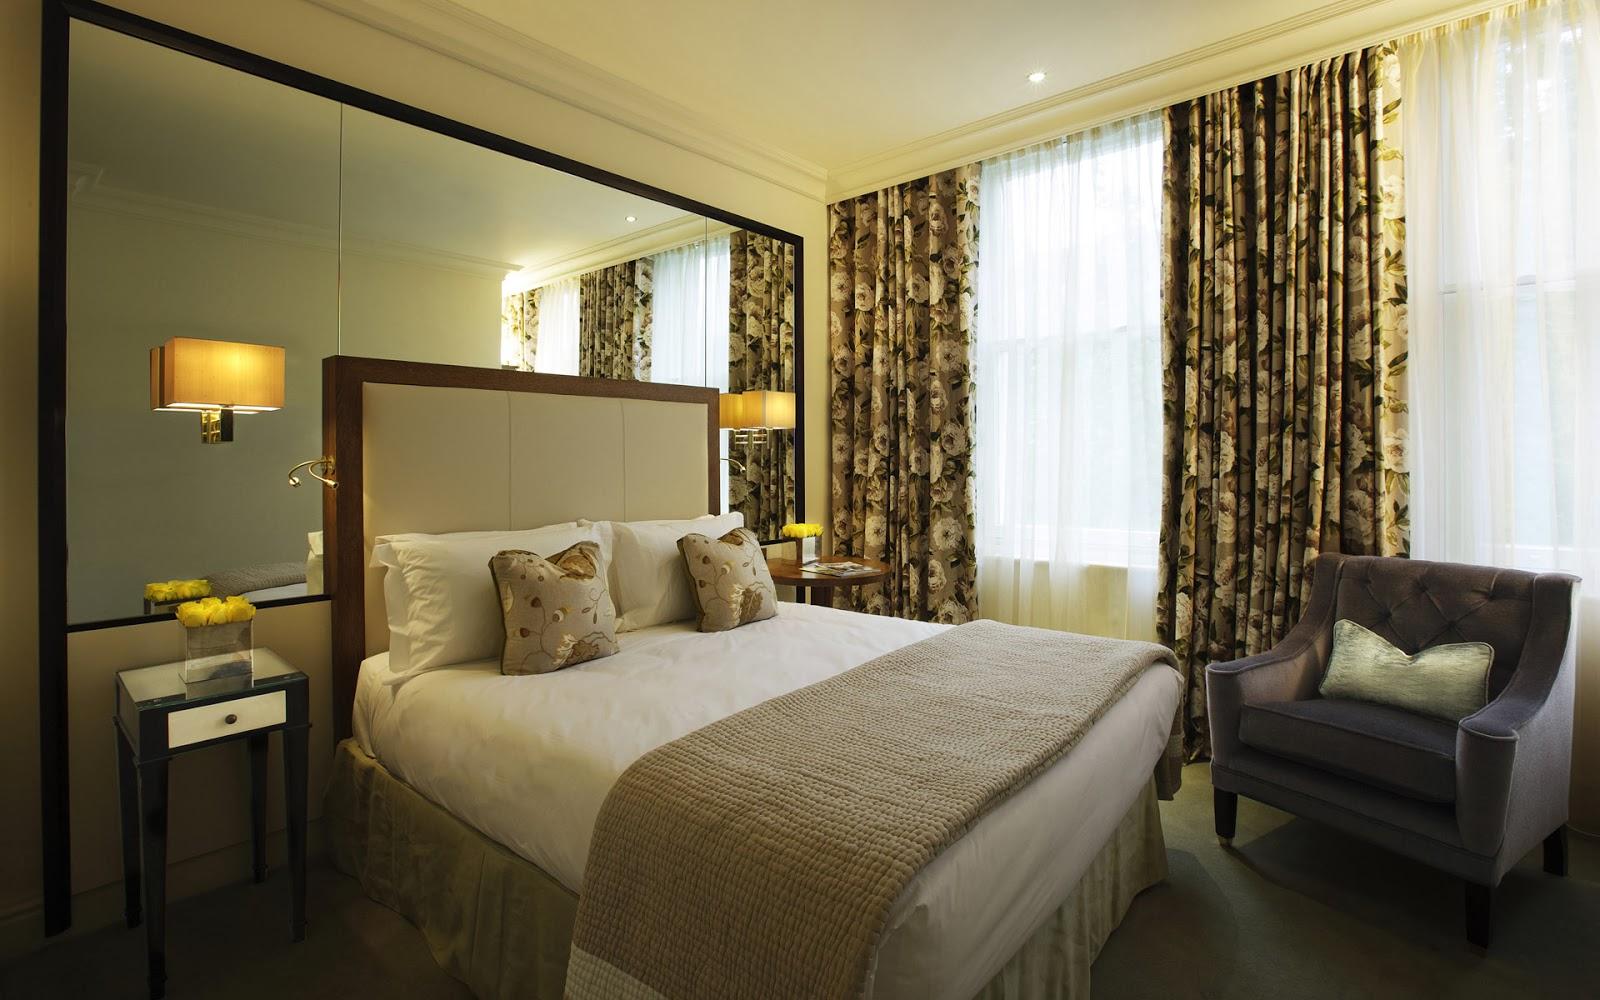 صورة اجمل غرف النوم , لمحبي التجديد اليك اجمل الاشكال العصريه لغرف النوم 6416 7